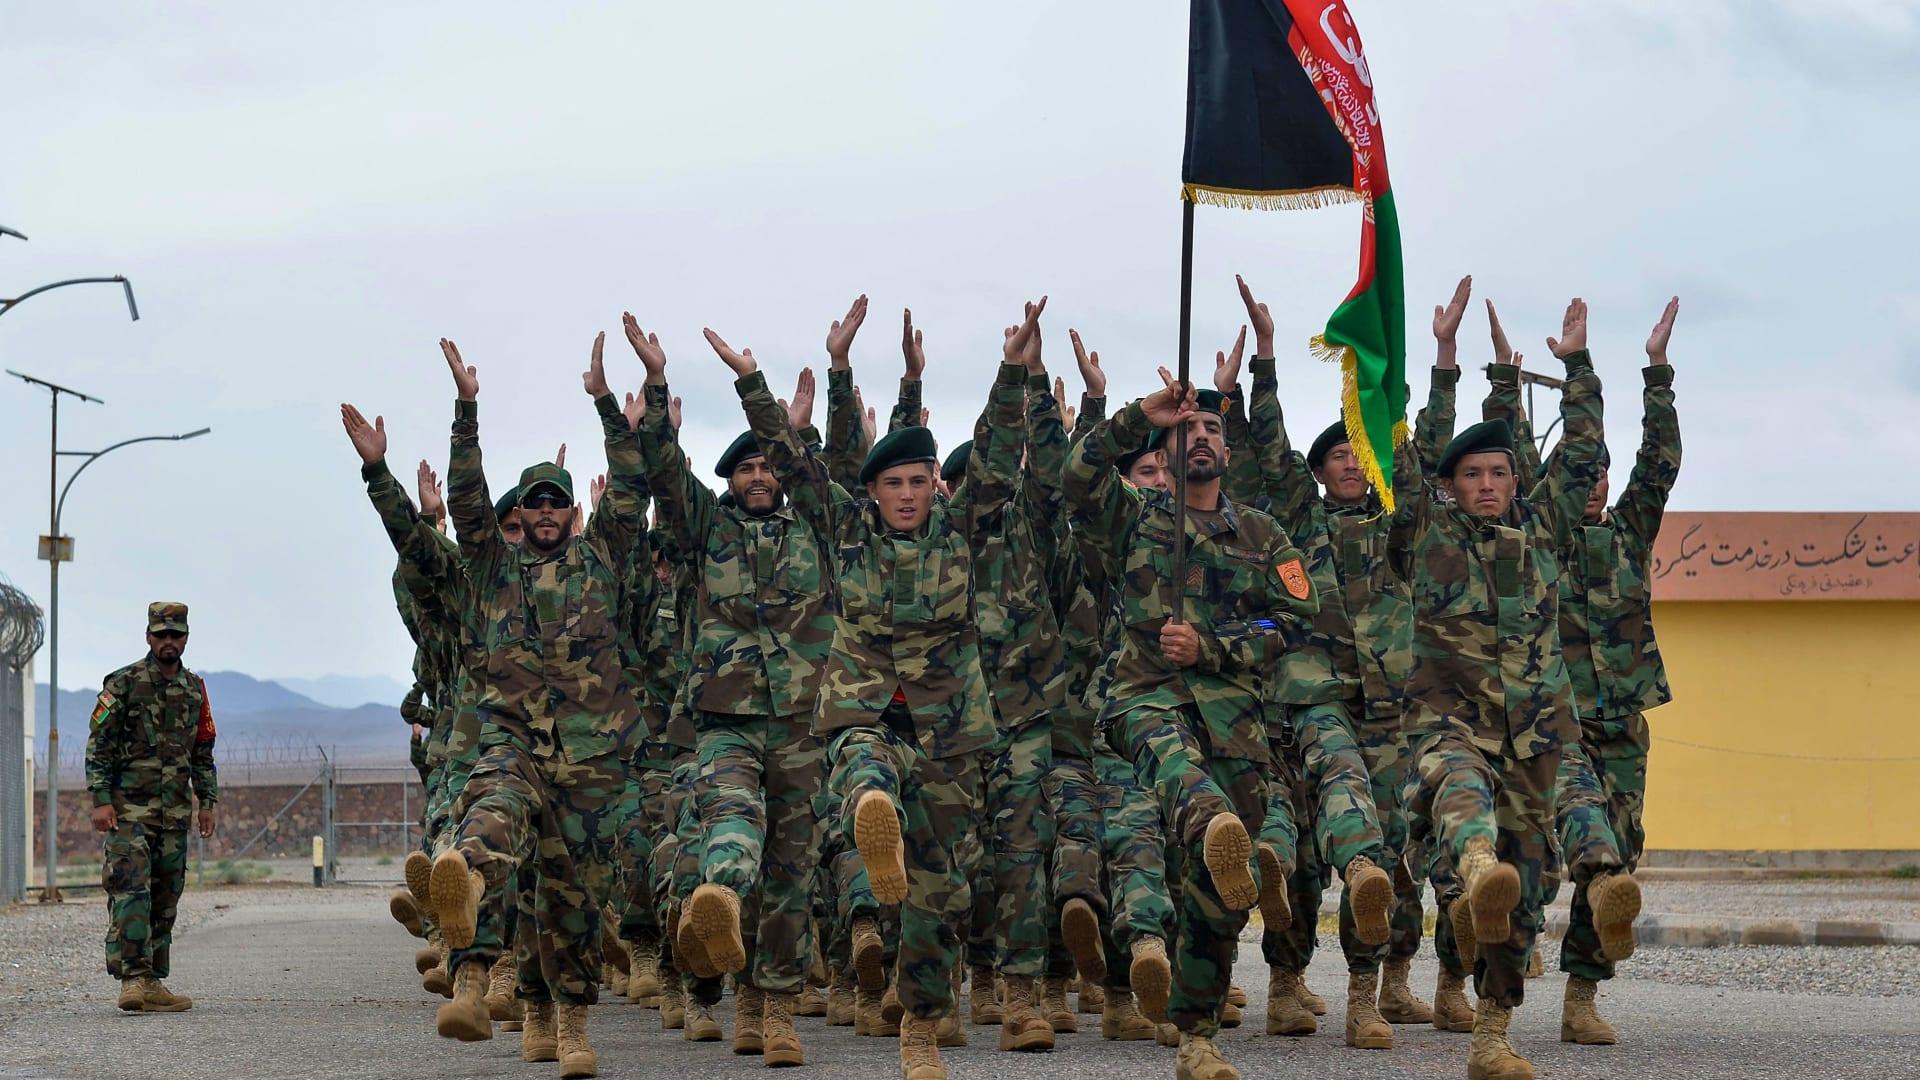 صورة لعناصر بالجيش الوطني الأفغاني خلال مراسم في مايو 2021